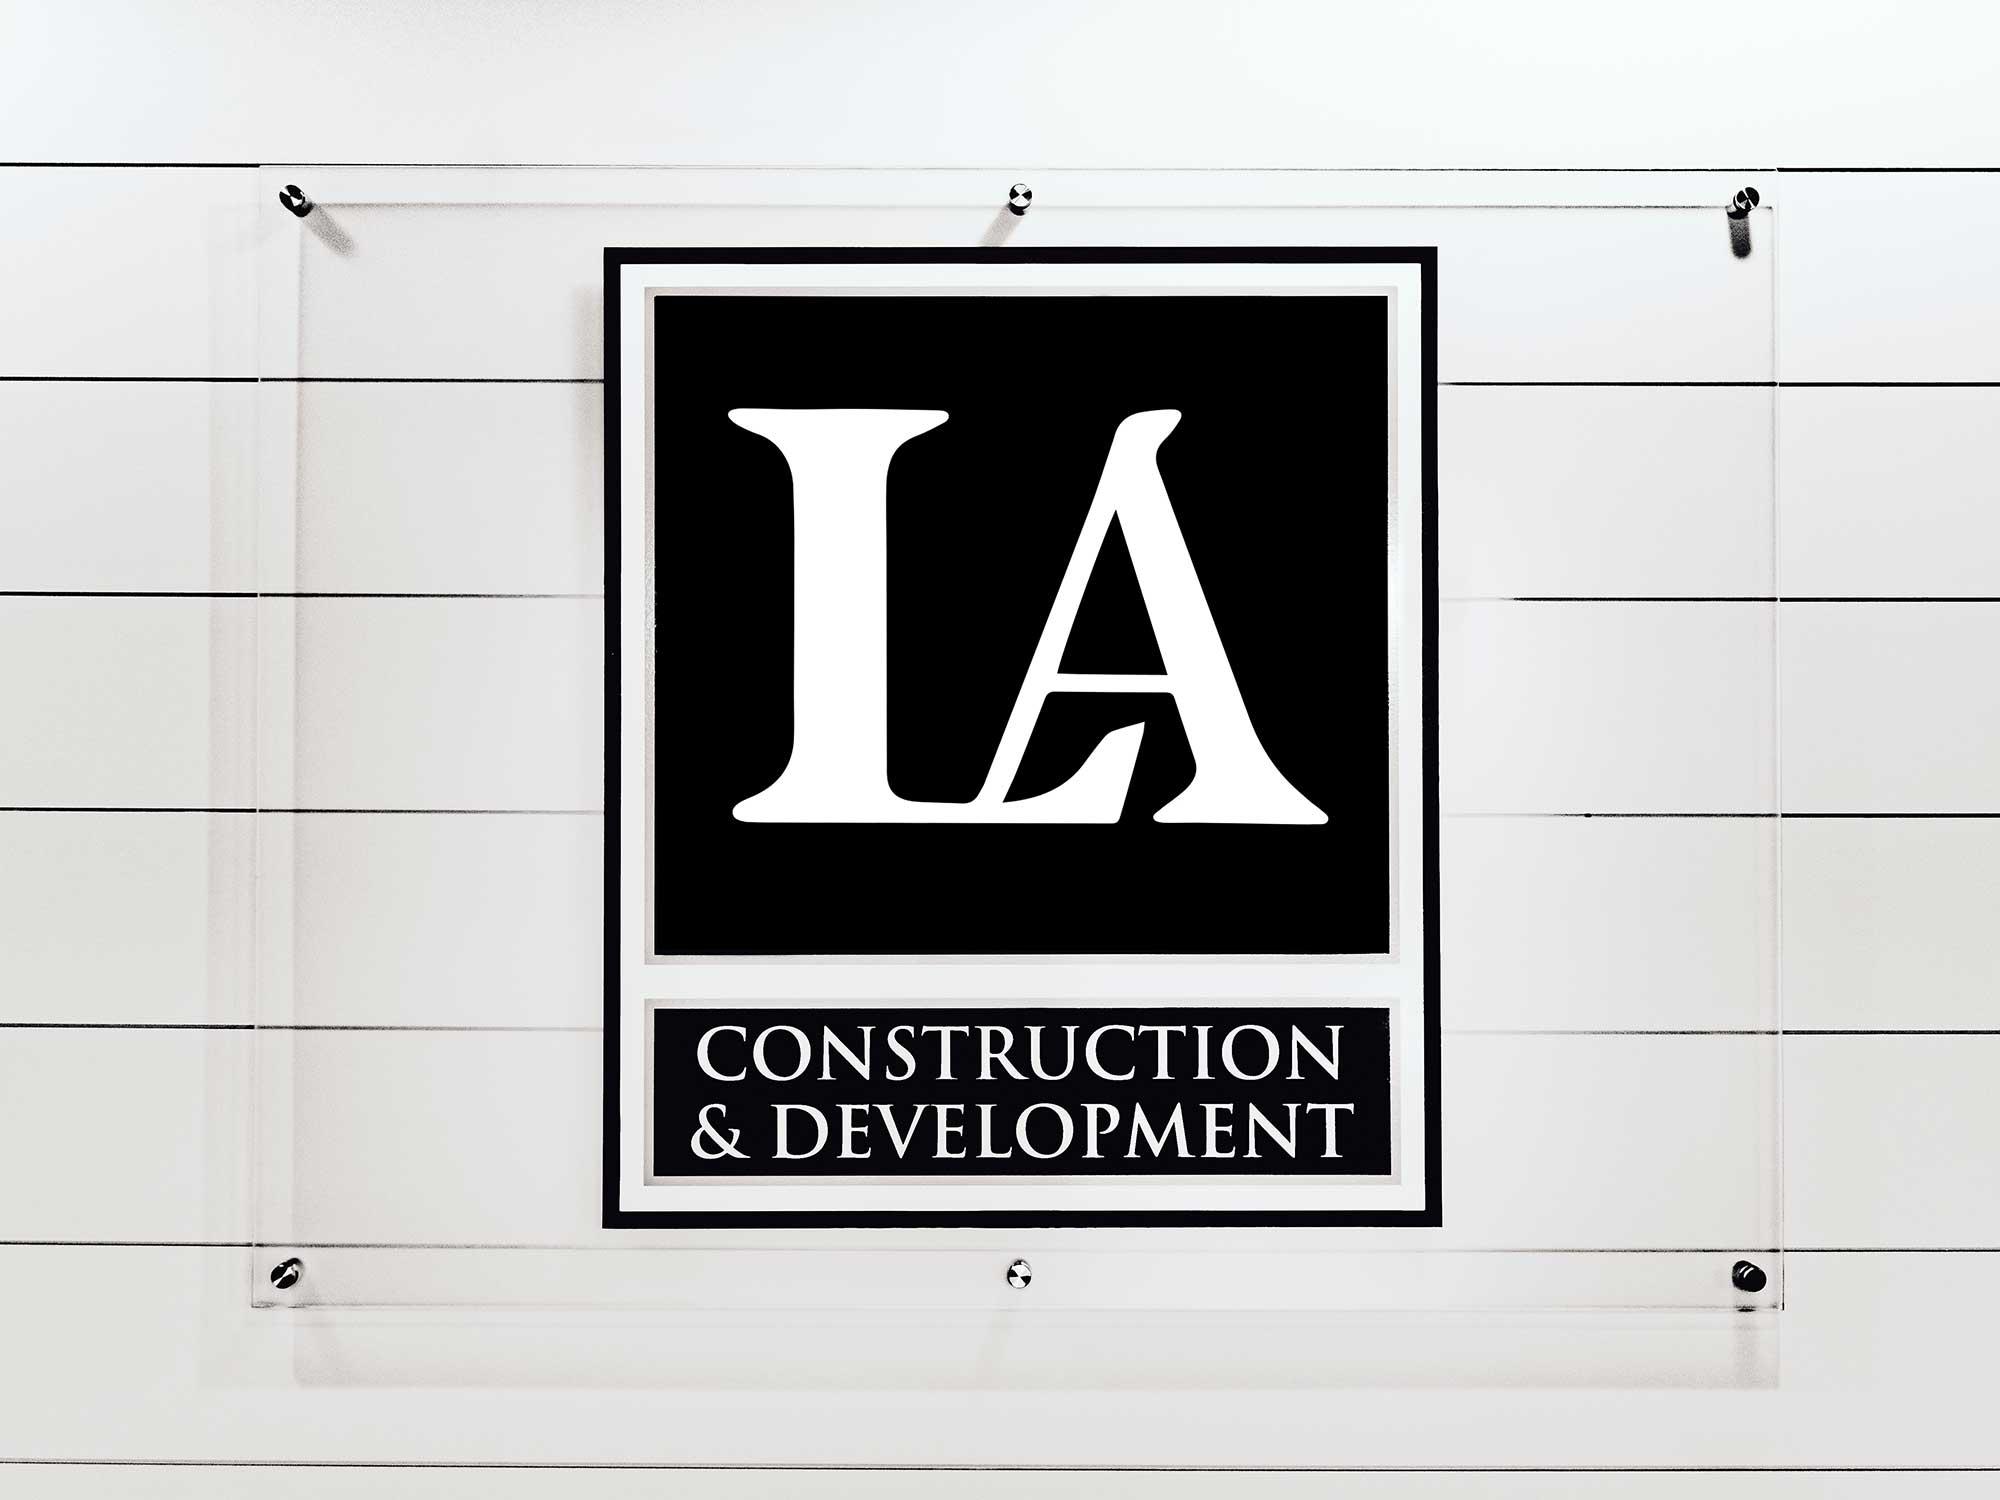 LA Construction office sign.